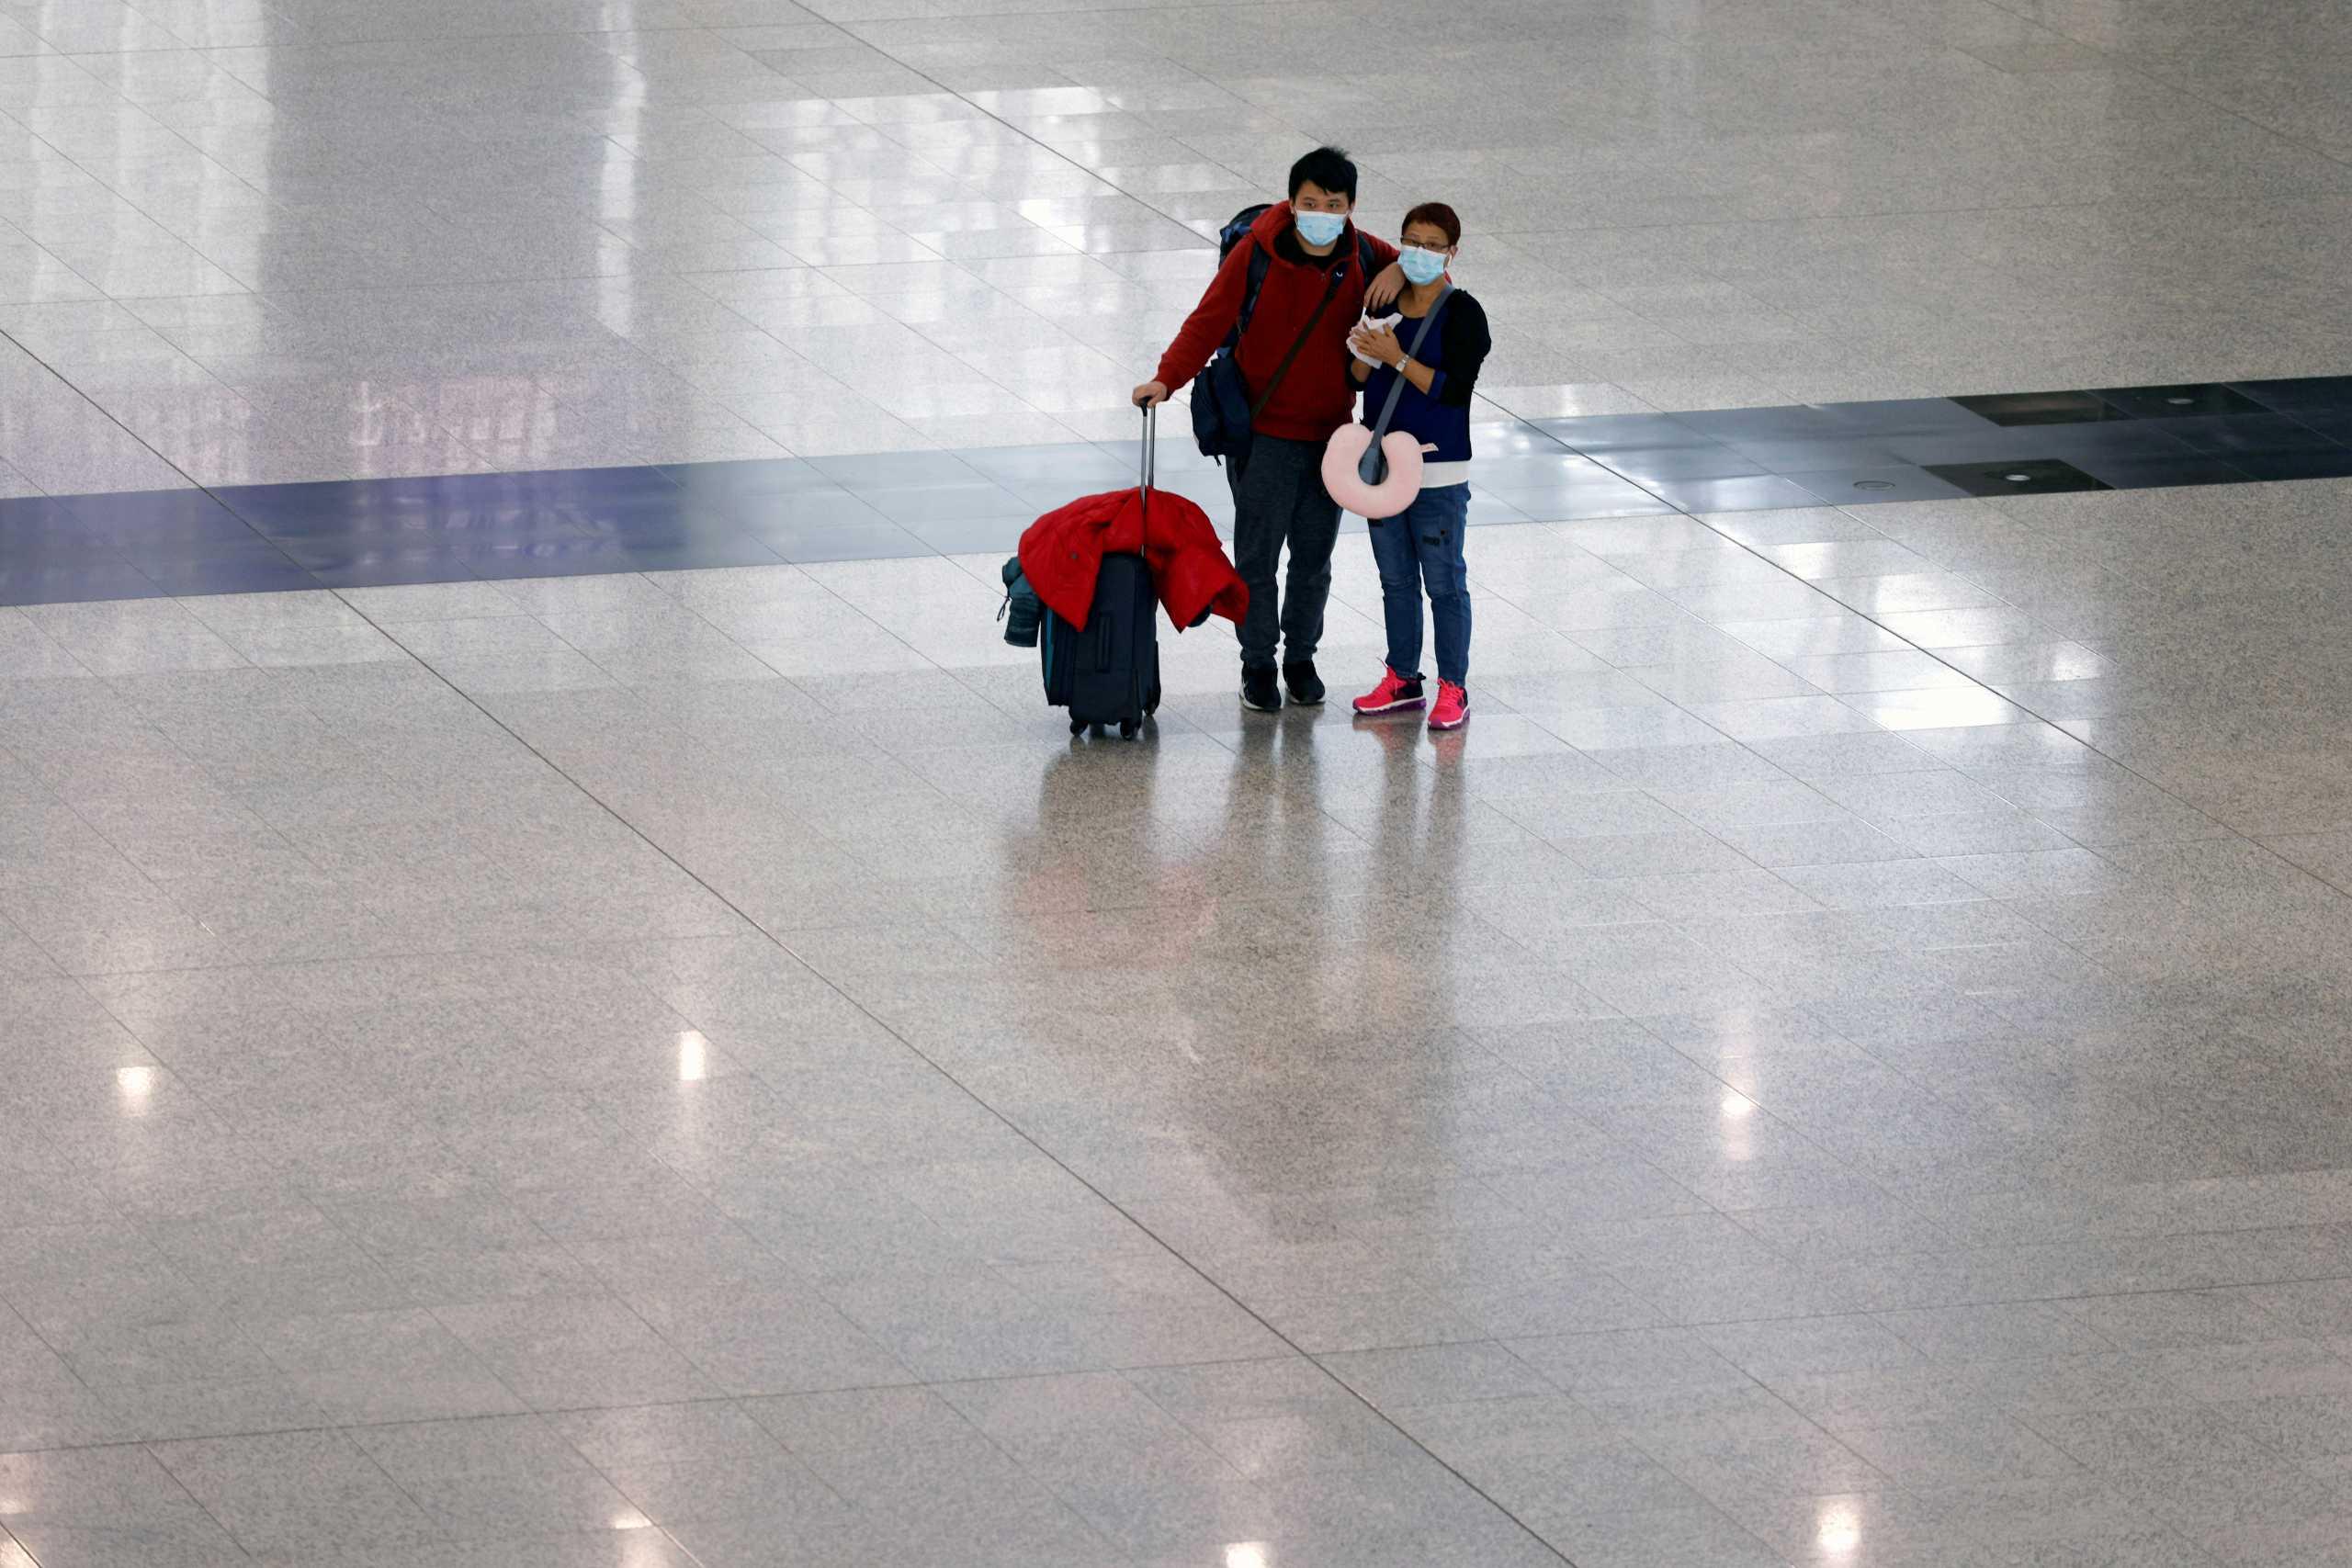 Χονγκ Κονγκ: 5.000 πολίτες ετοιμάζουν βαλίτσες για Βρετανία – Κατέθεσαν αιτήσεις χορήγησης βίζας